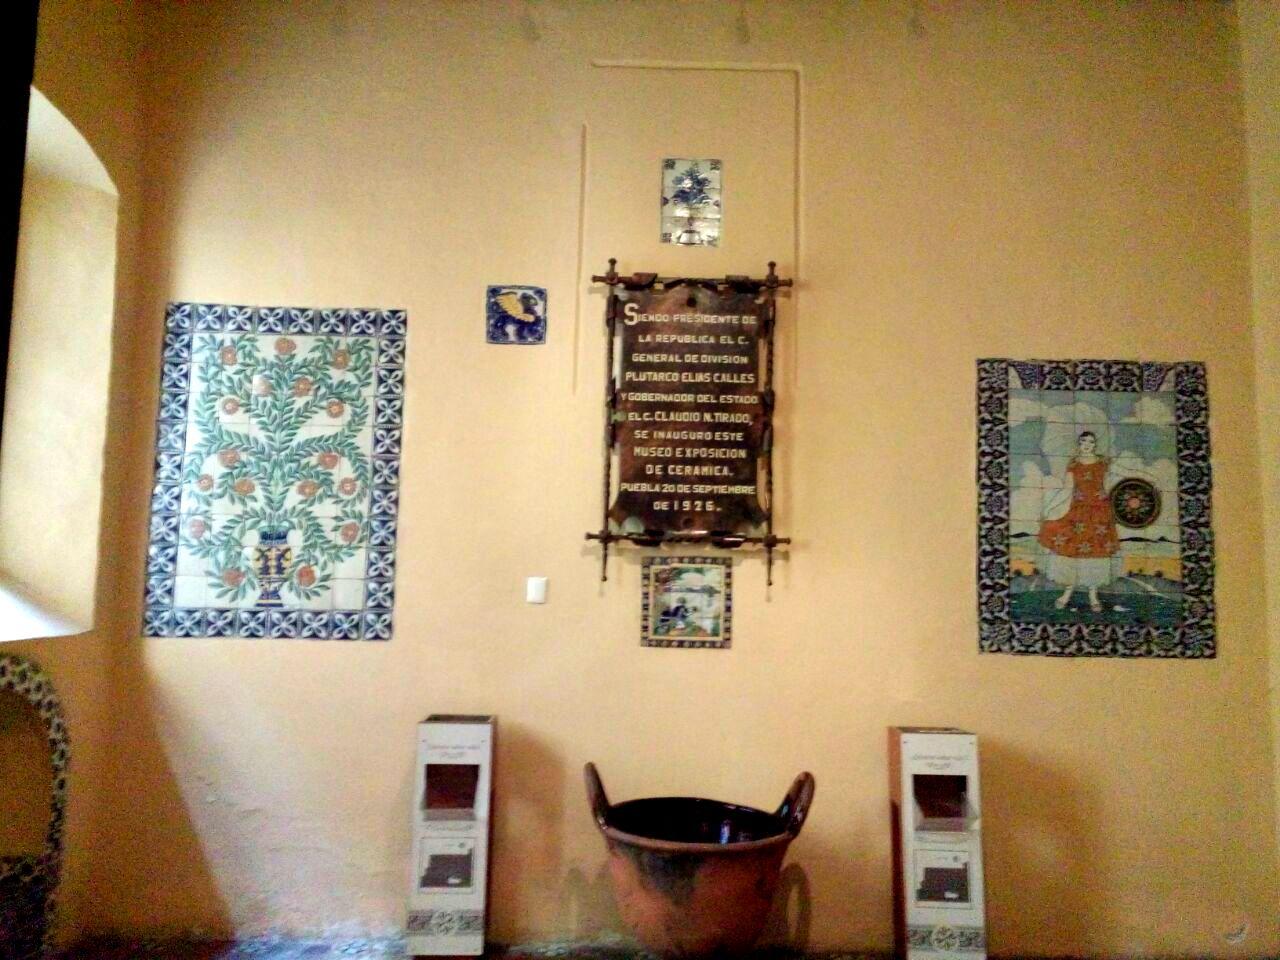 convento de santa rosa mole poblano pata de perro blog de viajes09